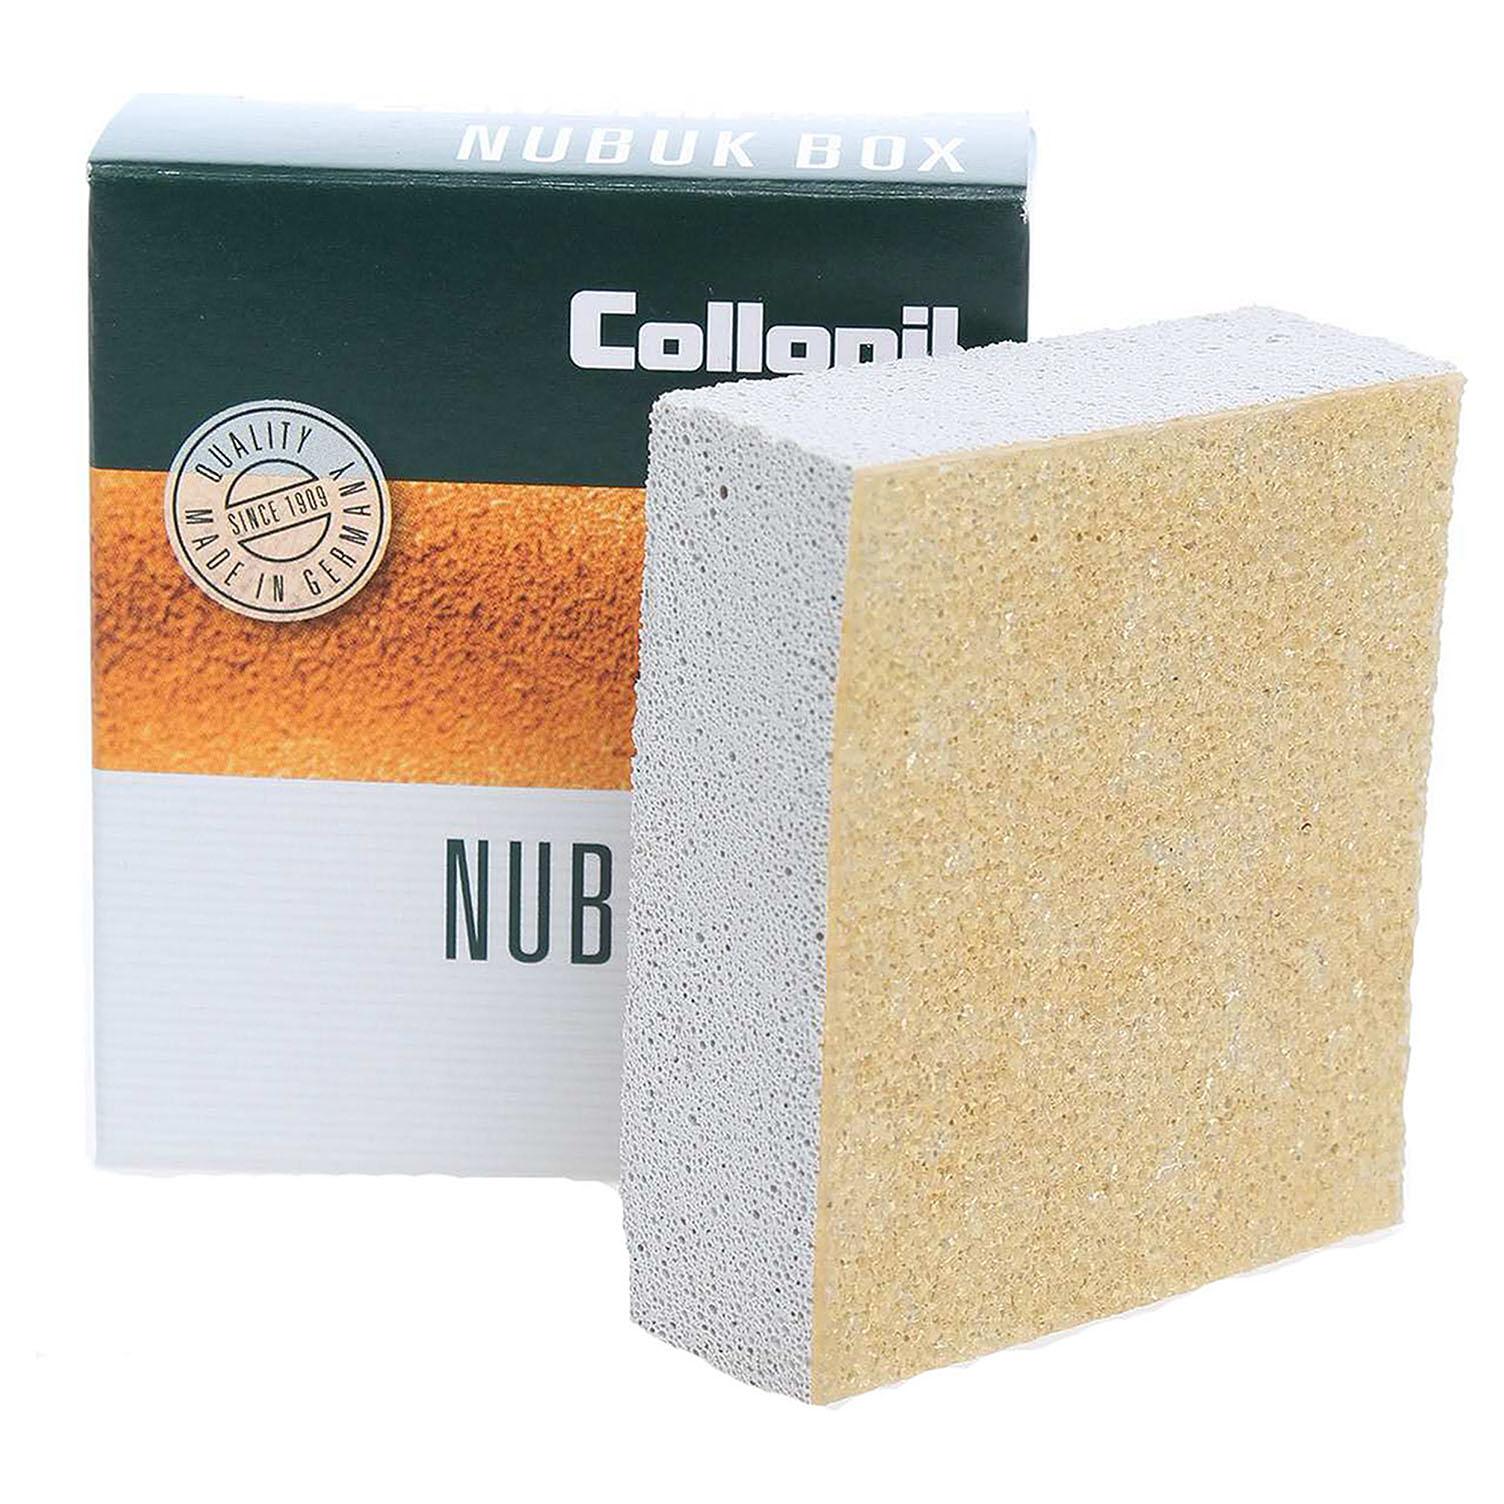 Ecco Collonil Nubuk Box 1261004